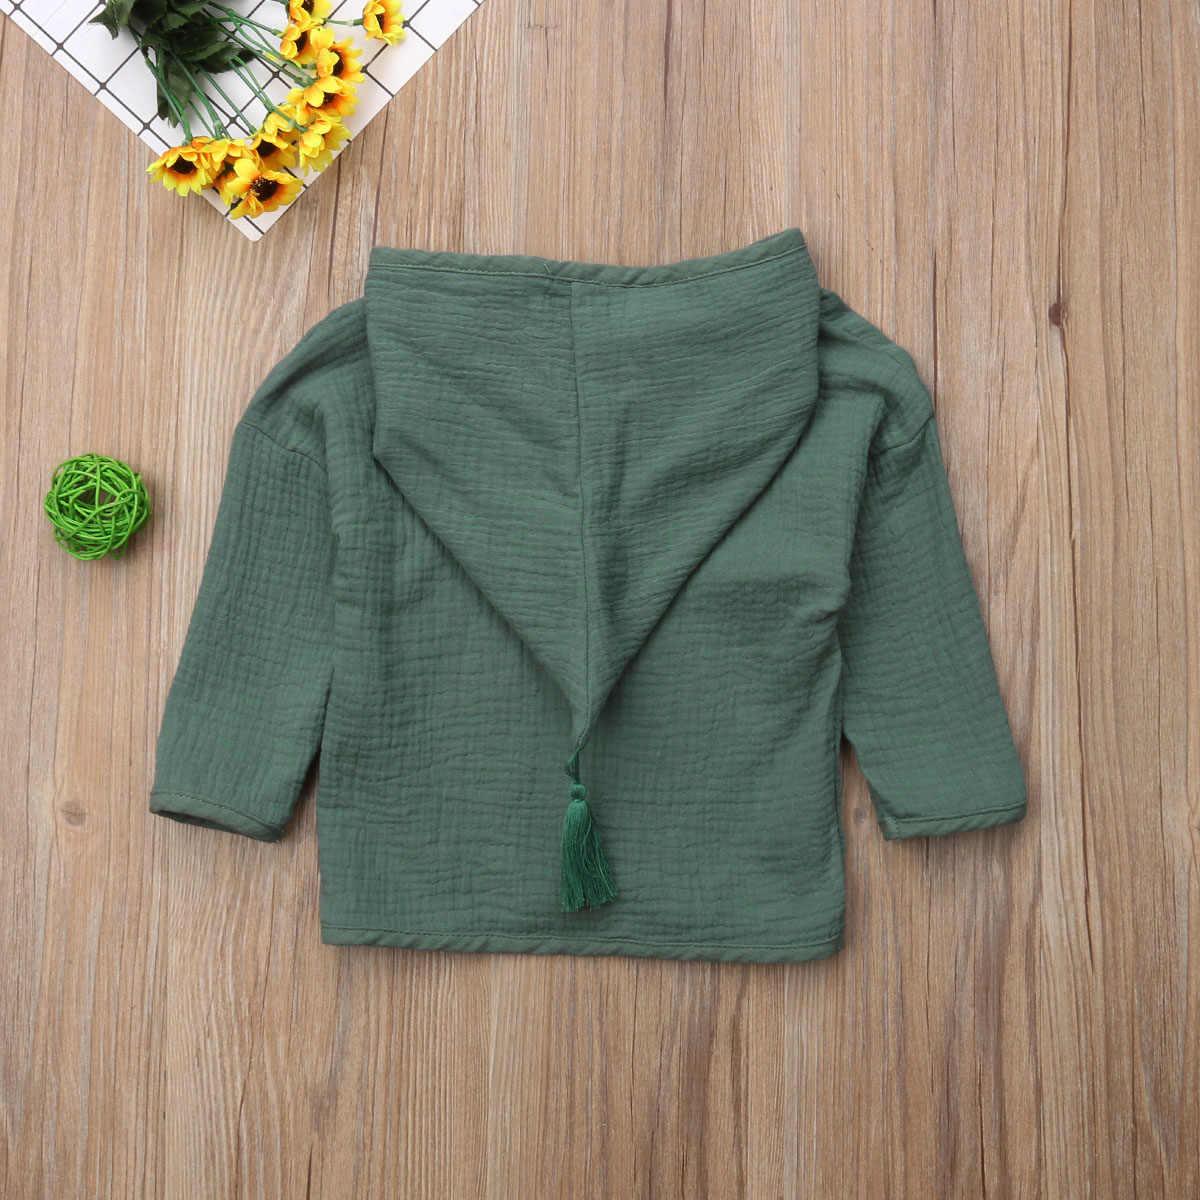 2018 nuevo Otoño Invierno moda Causal niños bebés niñas chaqueta sólida abrigo con capucha de lino con capucha conjunto de abrigos de algodón 1-6Y